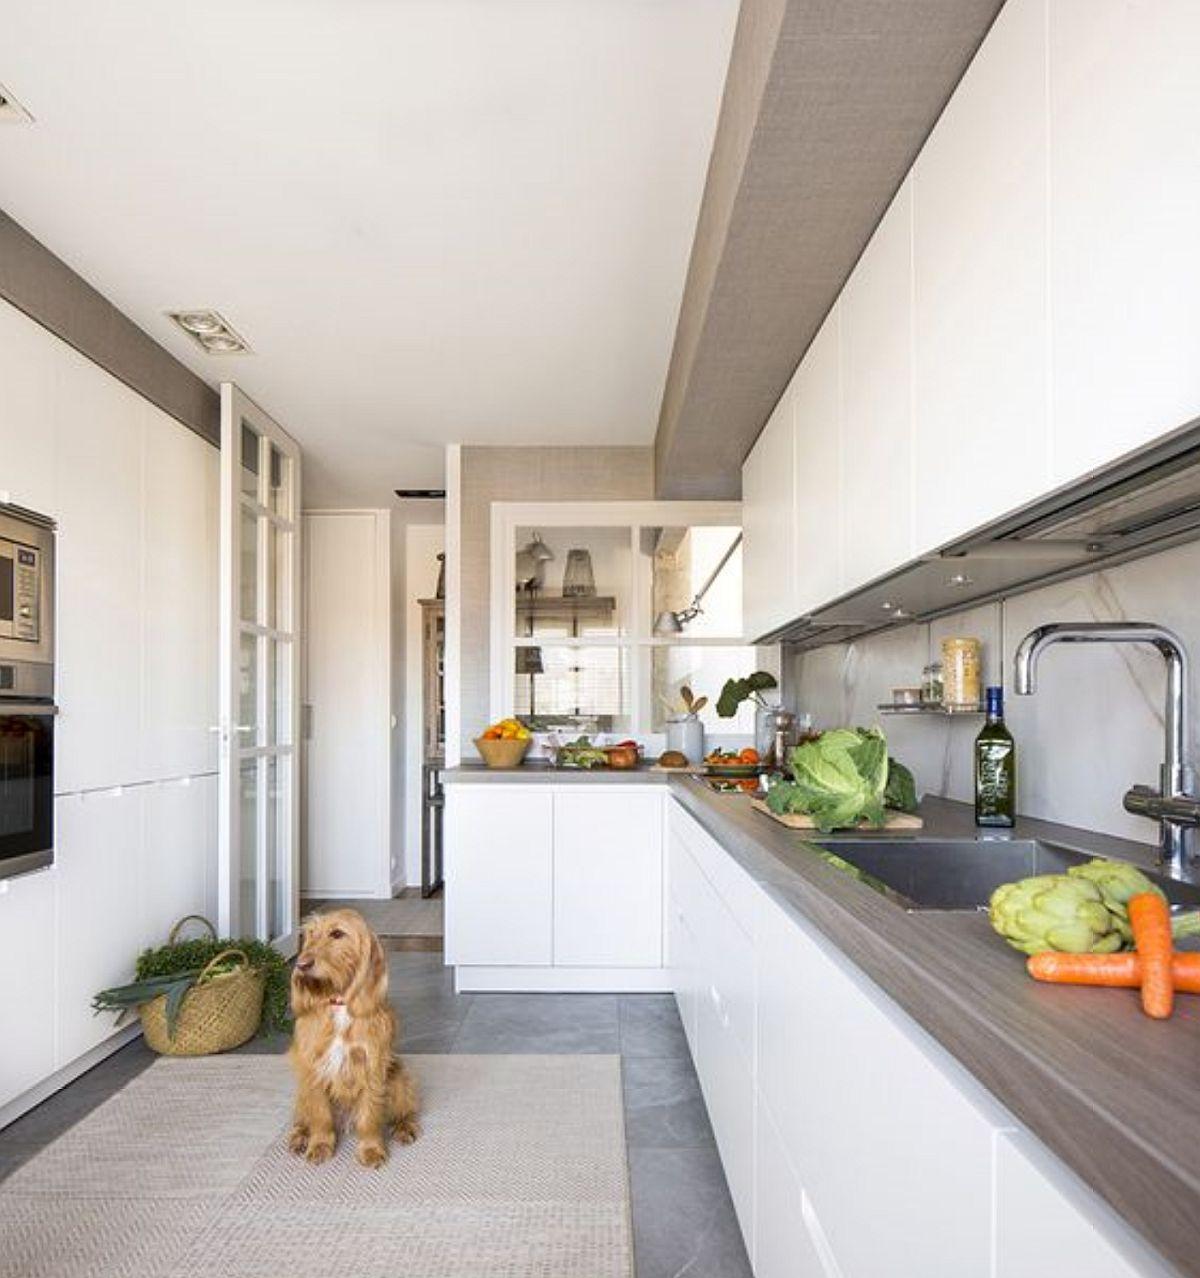 Bucătăria are spații de depozitare din plin fiind organizată cu un dulap generos opus blatului de lucru, dulap n care sunt încorporate electrocasnicele mari - combina grigorifică și cuptoarele.